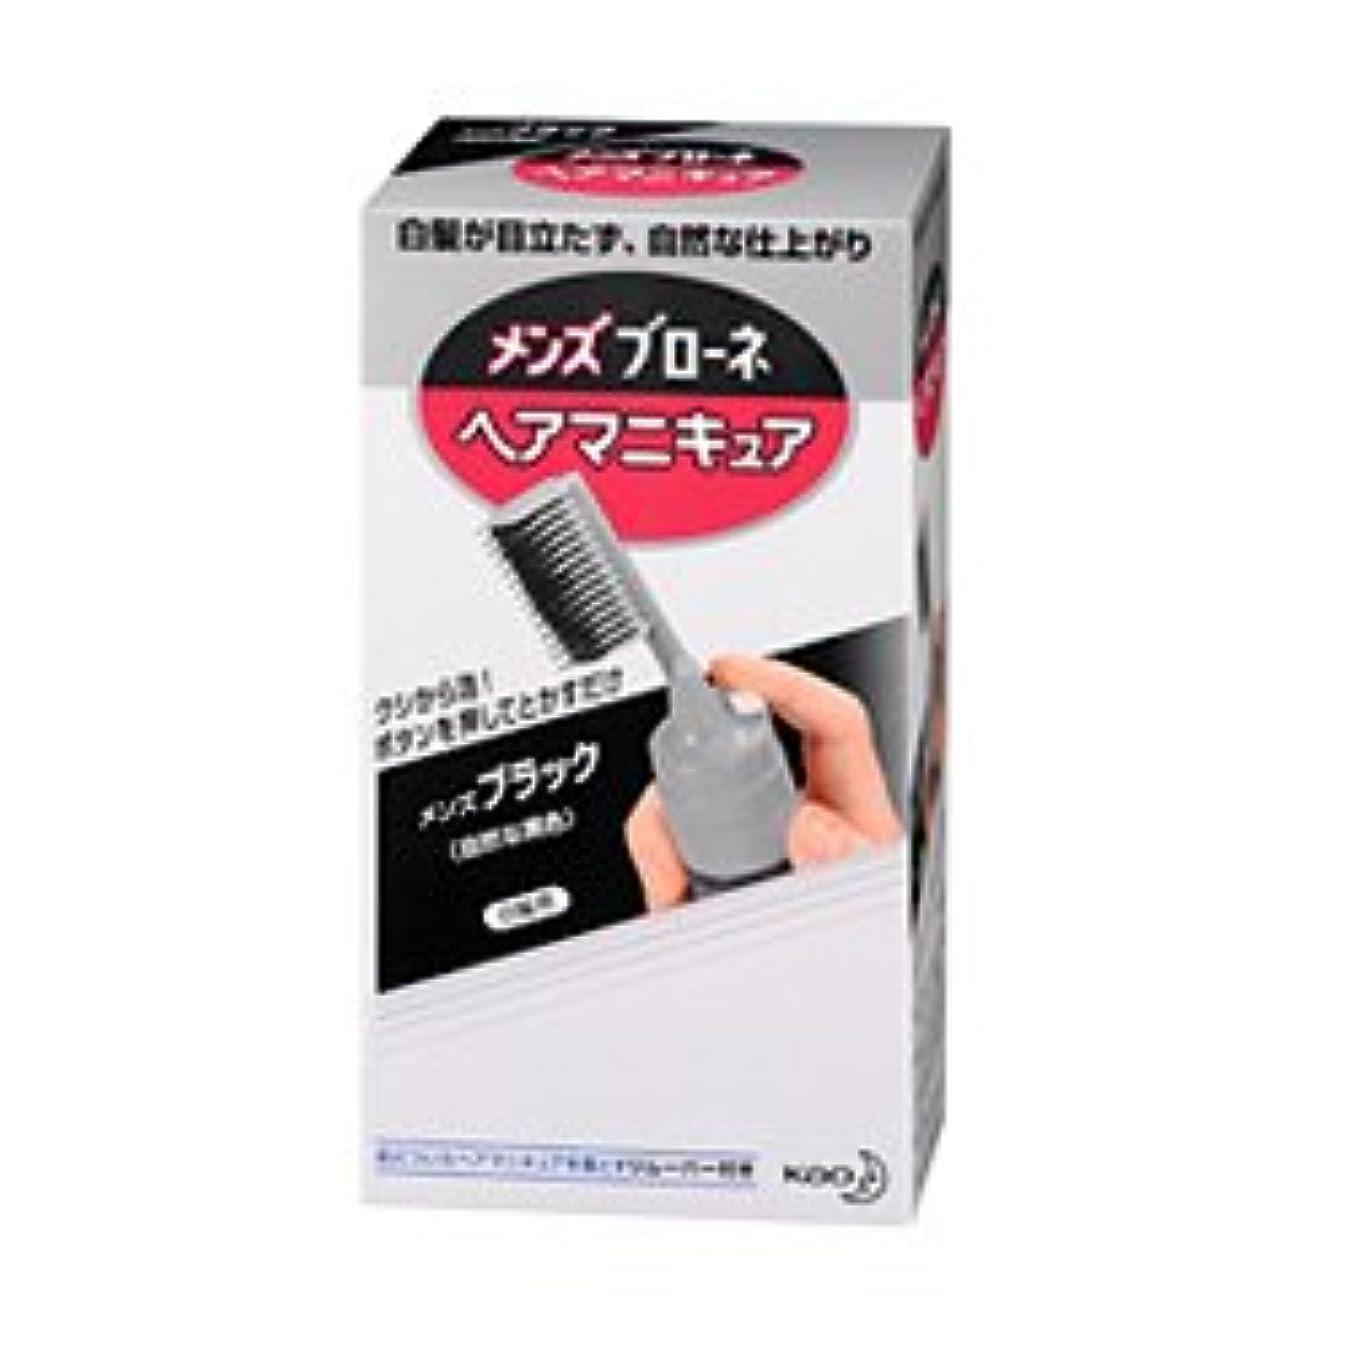 議論するショットテクスチャー【花王】メンズブローネ ヘアマニキュア白髪用 メンズブラック ×20個セット